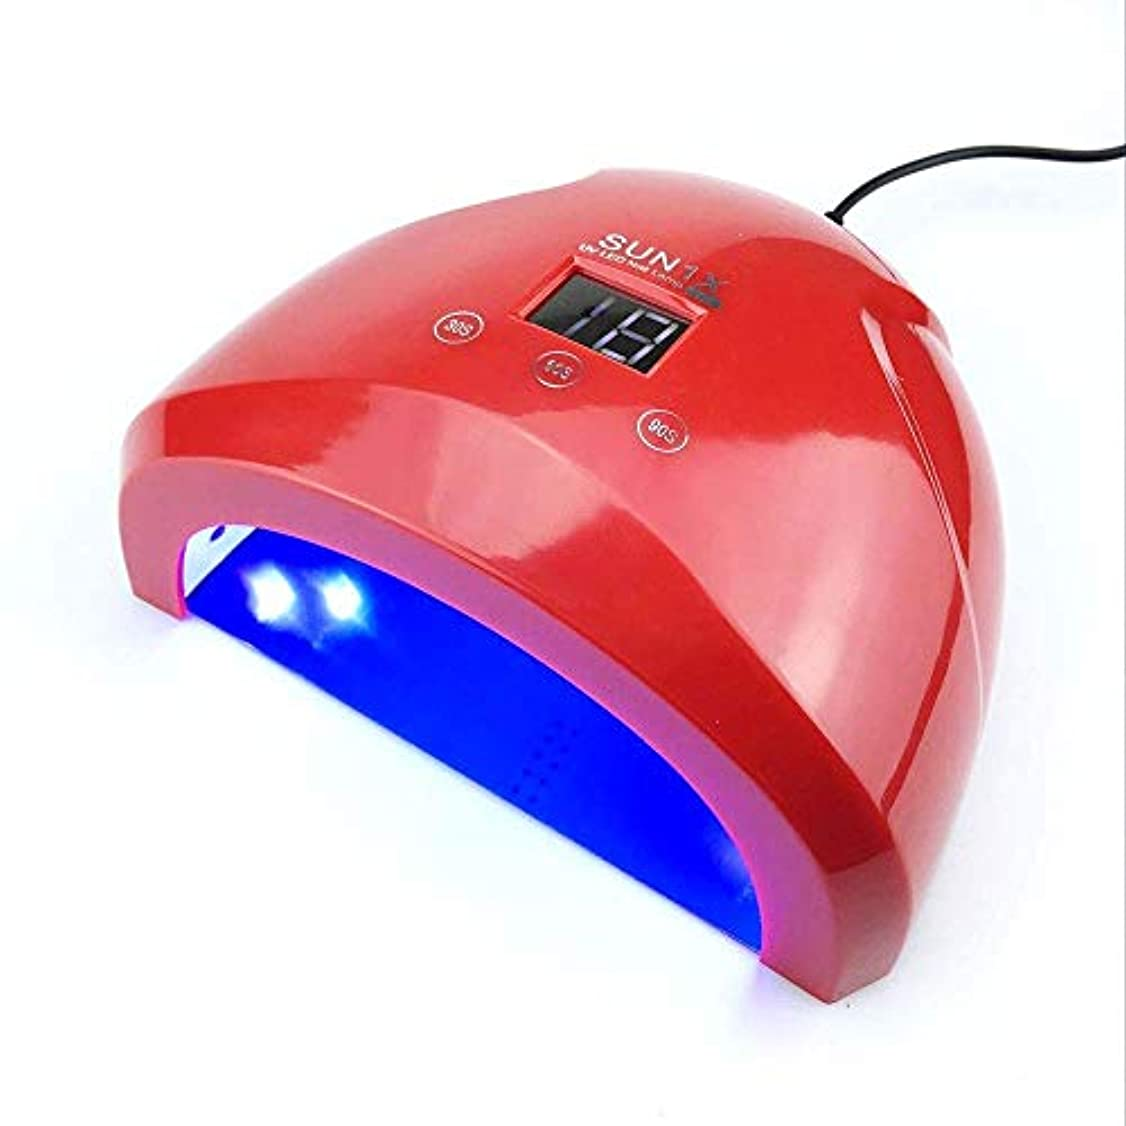 分布ロッドまだらネイルドライヤー36ワットuvランプledランプネイルドライヤースマートセンサーダブル電源ネイルランプ用ネイルuvジェルポリッシュジェルネイルアートツール